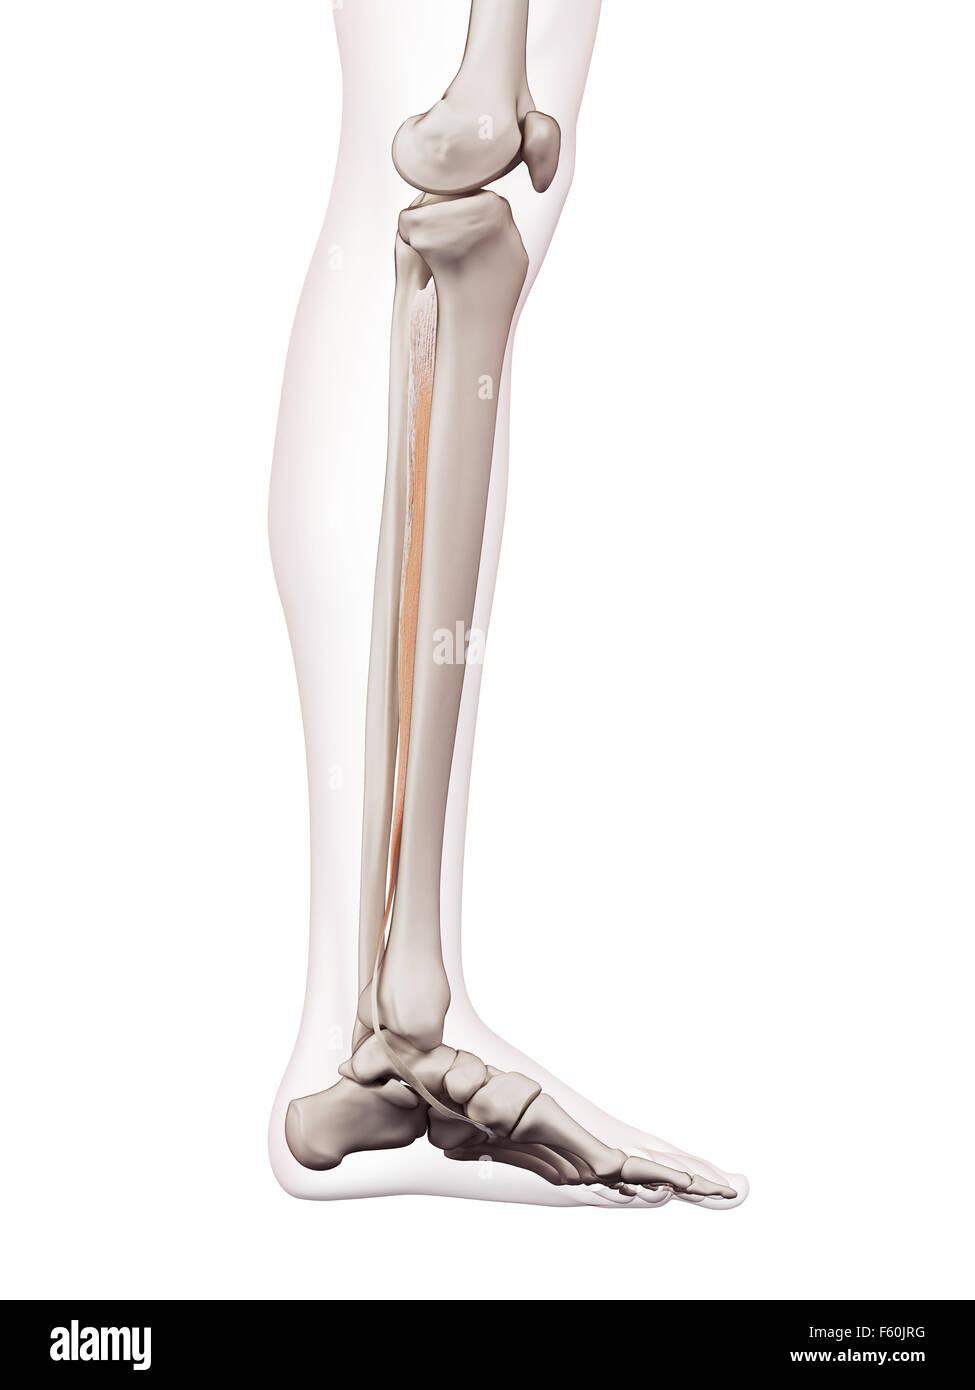 Médicamente Adecuada Ilustración Del Músculo Tibial Posterior Foto